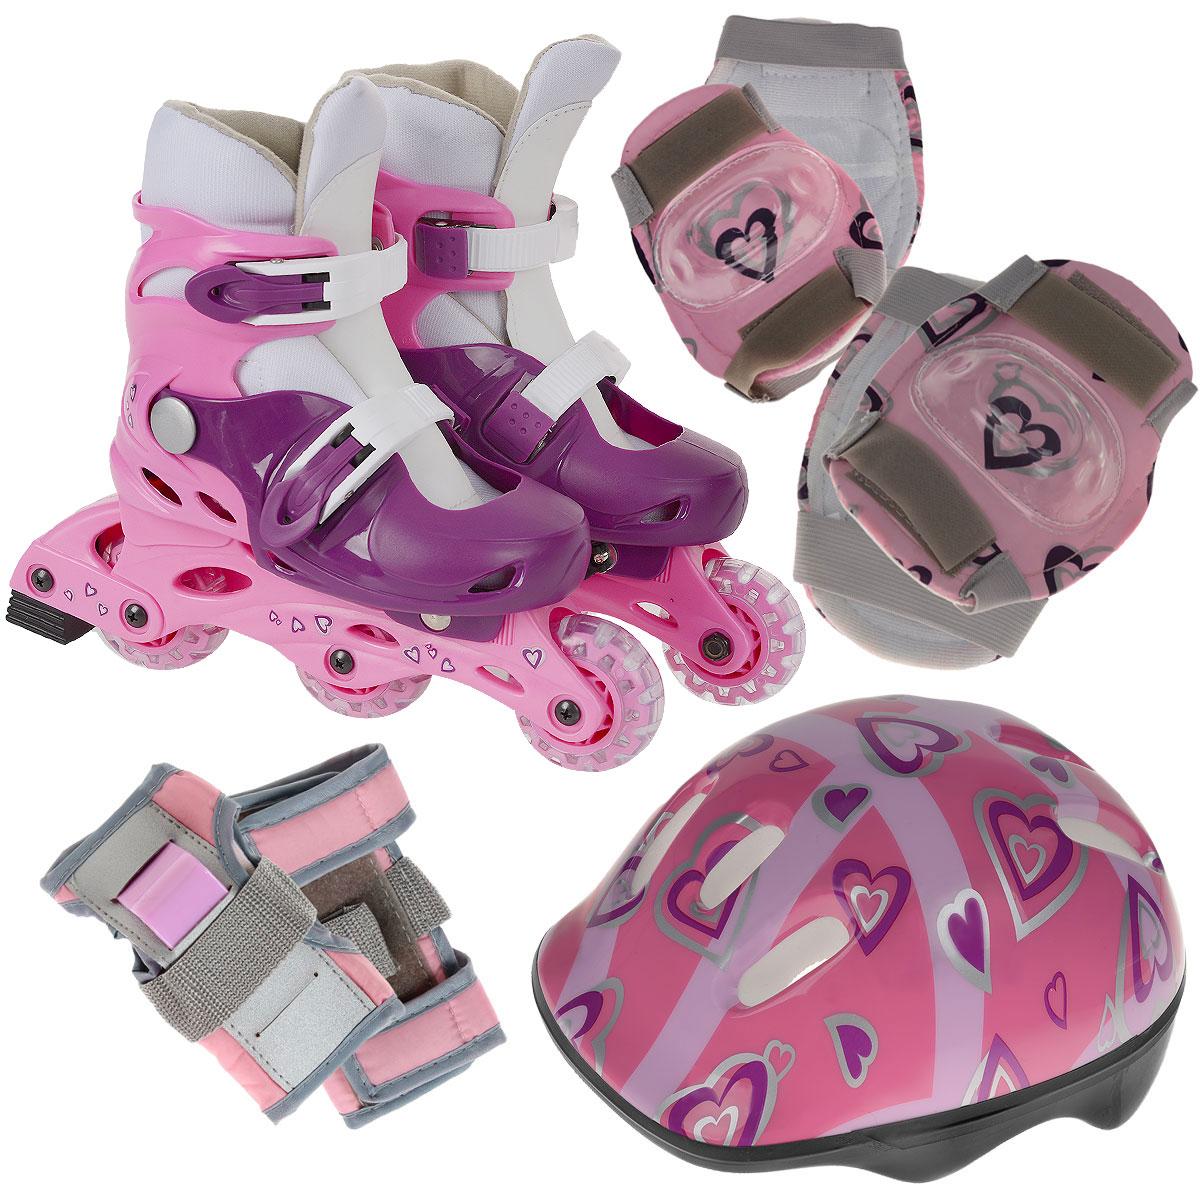 Комплект Action: коньки роликовые, защита, шлем, цвет: розовый. PW-120P. Размер 35/38PW-120PРаздвижные коньки Action - это роликовые коньки любительского класса для детей и постоянно растущих подростков, предназначены для занятий спортом и активного отдыха. Коньки имеют пластиковый ботинок со съемным сапожком с раздвижным механизмом, что обеспечивает хорошую посадку и пластичность, а для еще более комфортного катания ботинки коньков оснащены двумя клипсами с фиксаторами. Облегченная, анатомически облегающая конструкция обеспечивает улучшенную боковую поддержку и полный контроль над движением. Рама изготовлена из пластика, а колеса из полиуретана с 608Z. Диаметр колес 64 мм. В каждой модели роликов есть тормоз. К роликам прилагается полный комплект защиты: шлем (из плотного пенопласта с верхним покрытием из пластика), защита рук, коленей, локтей. Двухкомпонентная система с внутренними вставками поглощает энергию удара, снимает нагрузку с суставов и снижает риск получения травм. Все это упаковано в специальную сумку-переноску с прозрачными окном. ...